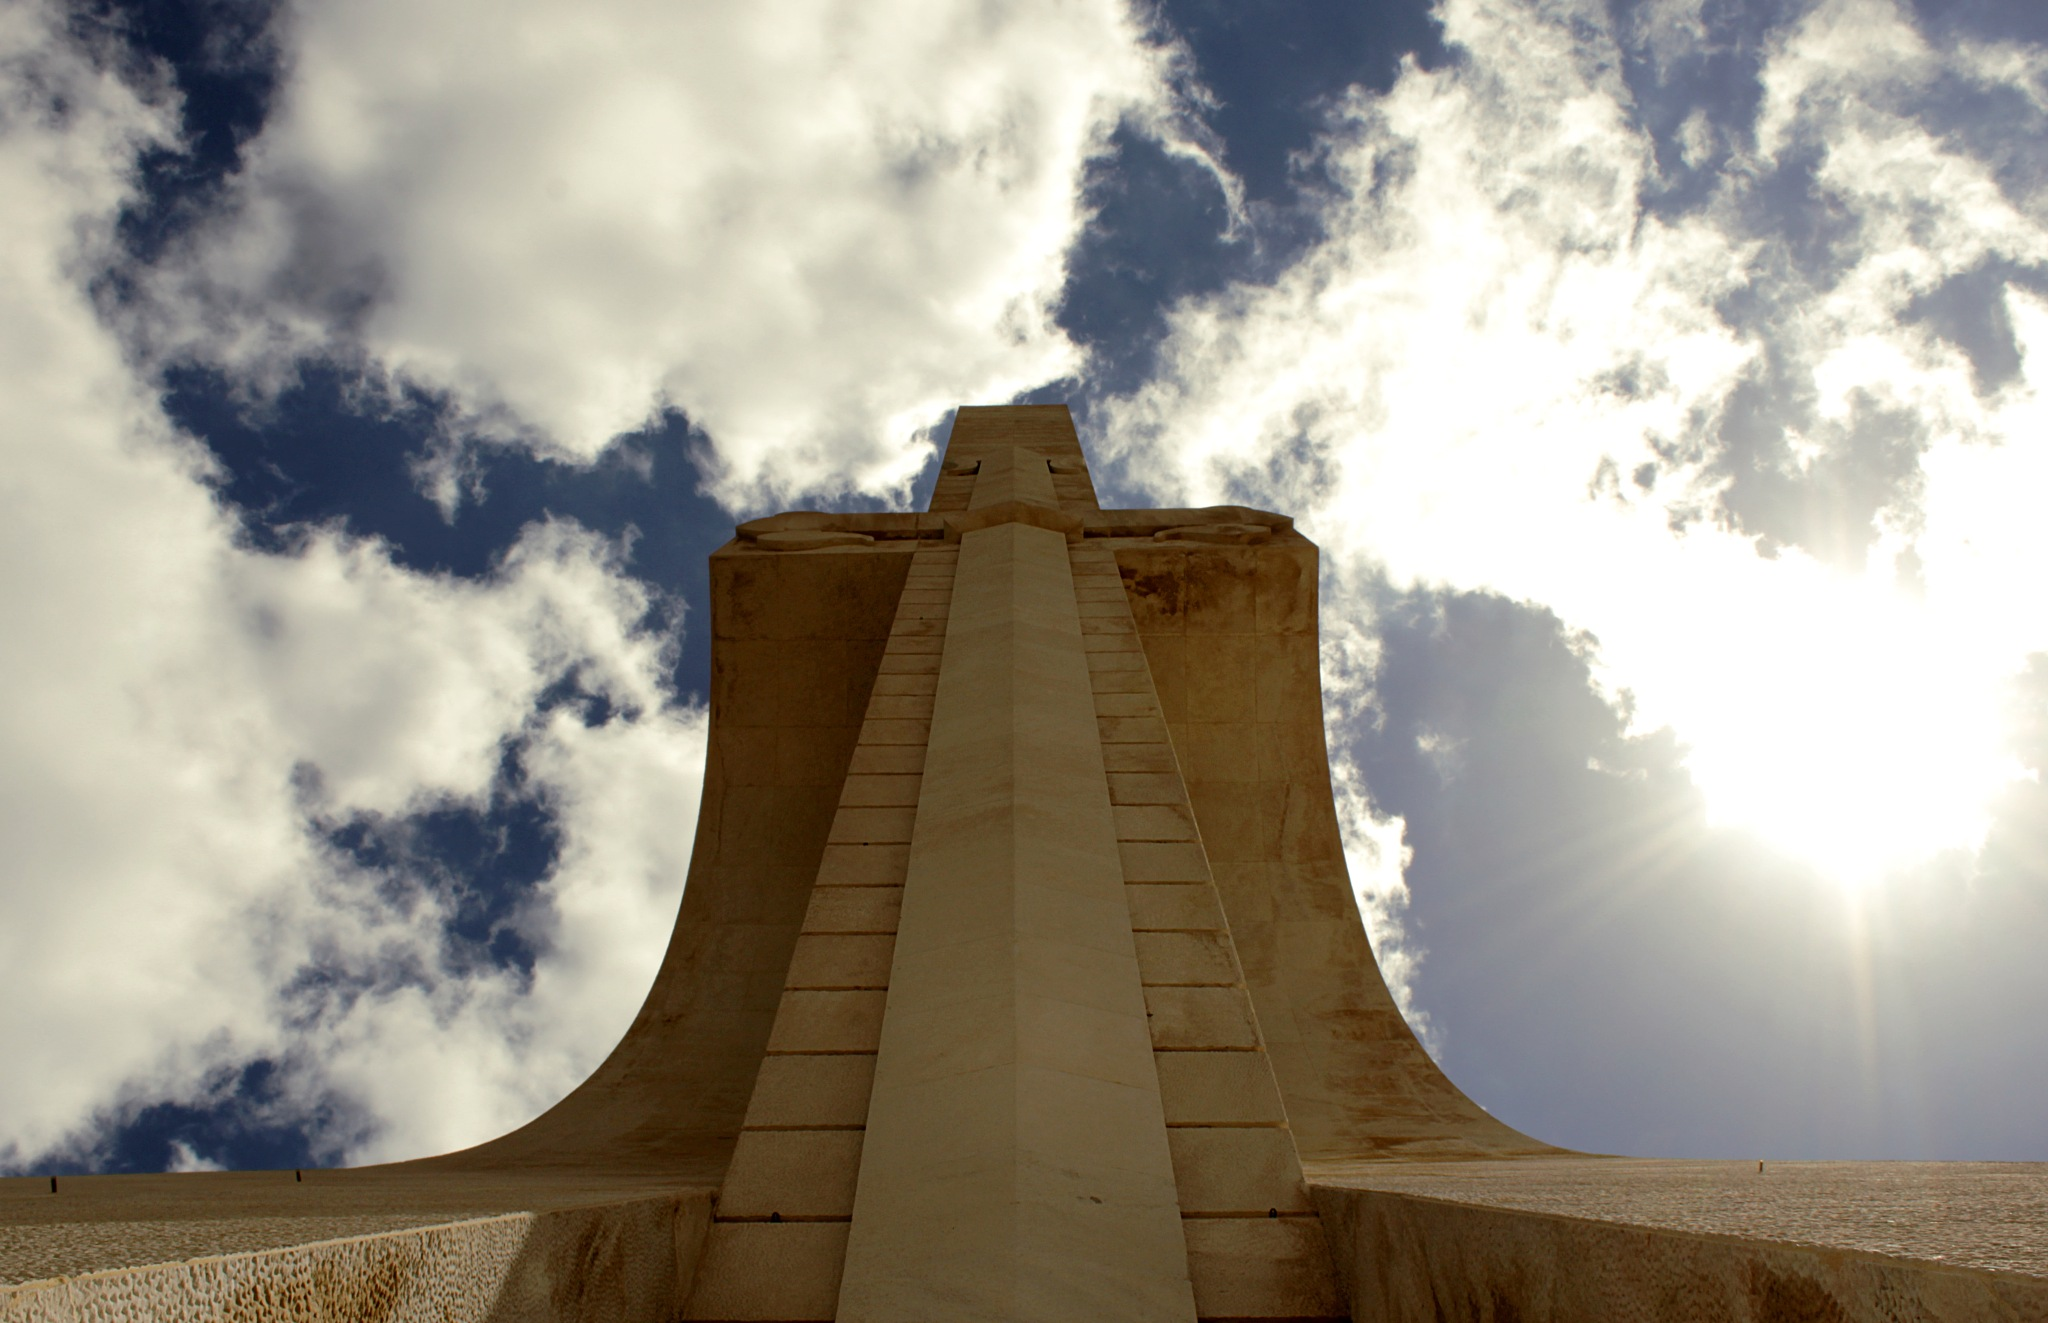 Padrão dos Descobrimentos (Monument of the Discoveries) by Cristiano Maioli